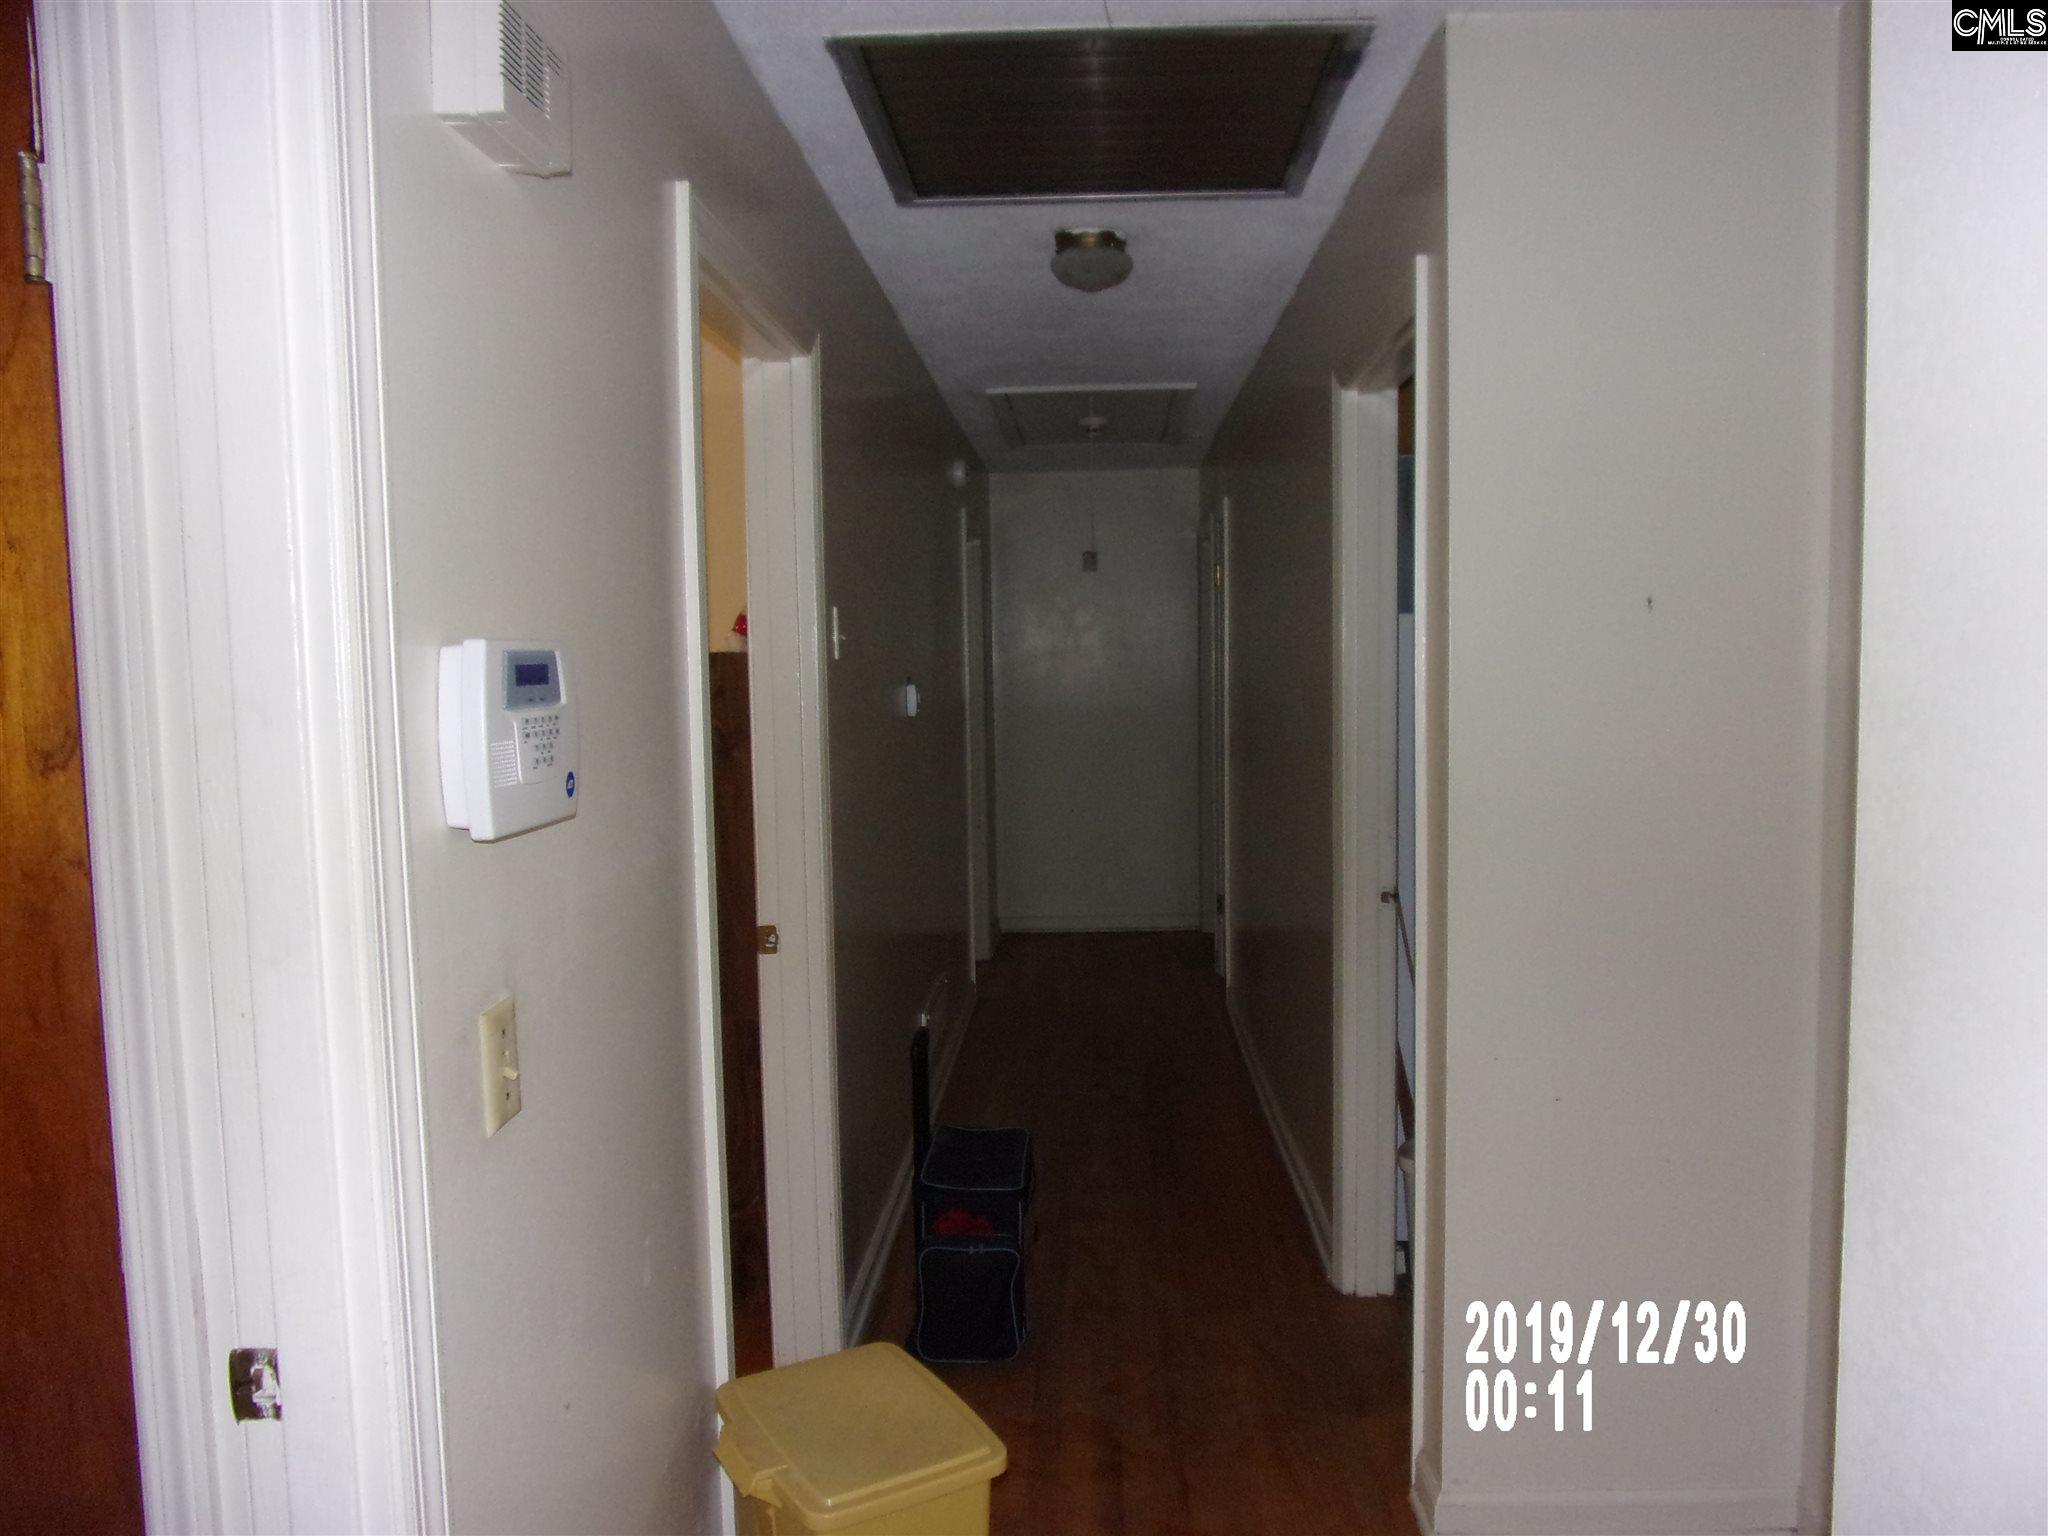 7130 Glengarry Columbia, SC 29209